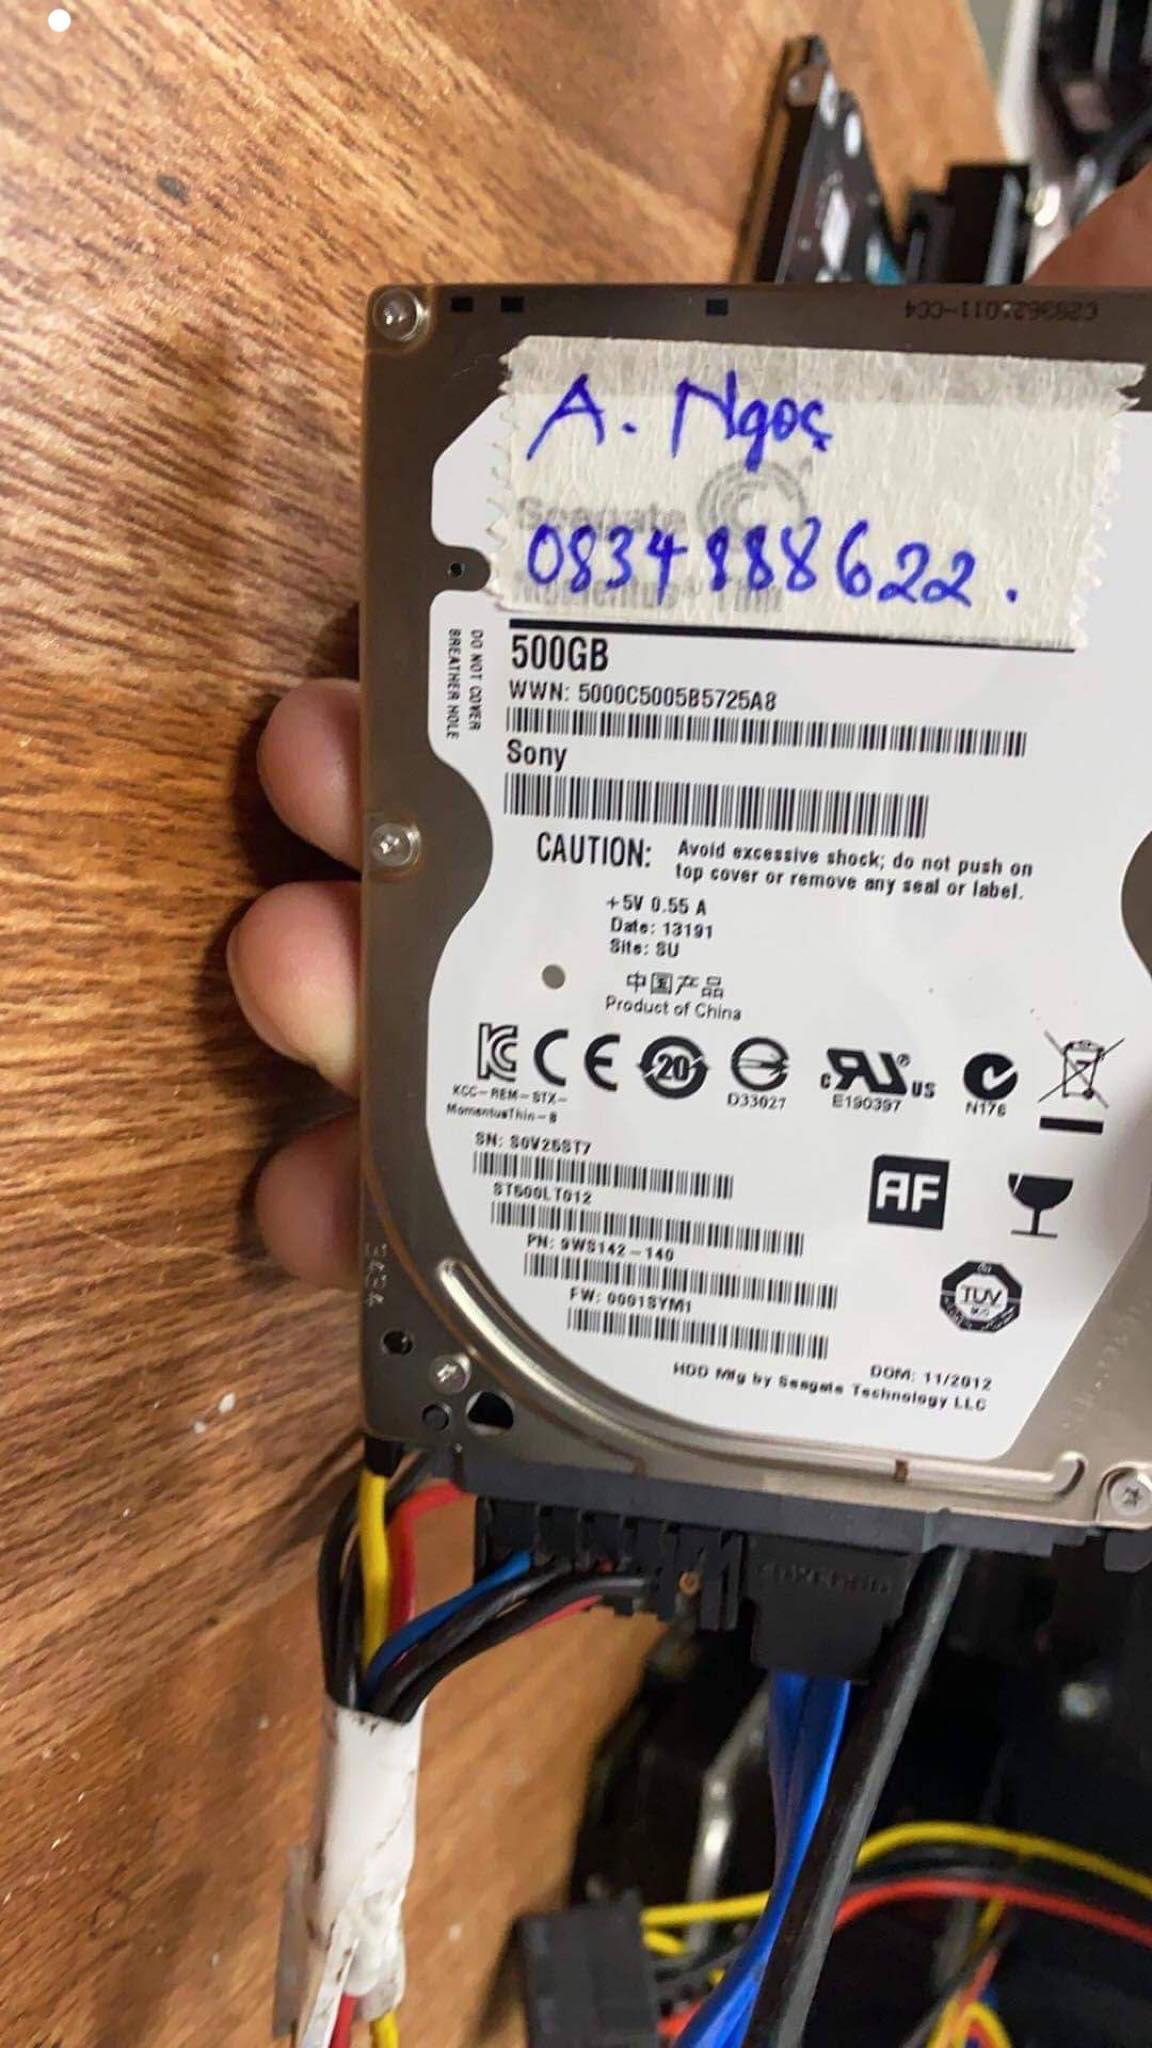 Khôi phục dữ liệu ổ cứng Seagate 500GB bad 10/02/2020 - cuumaytinh